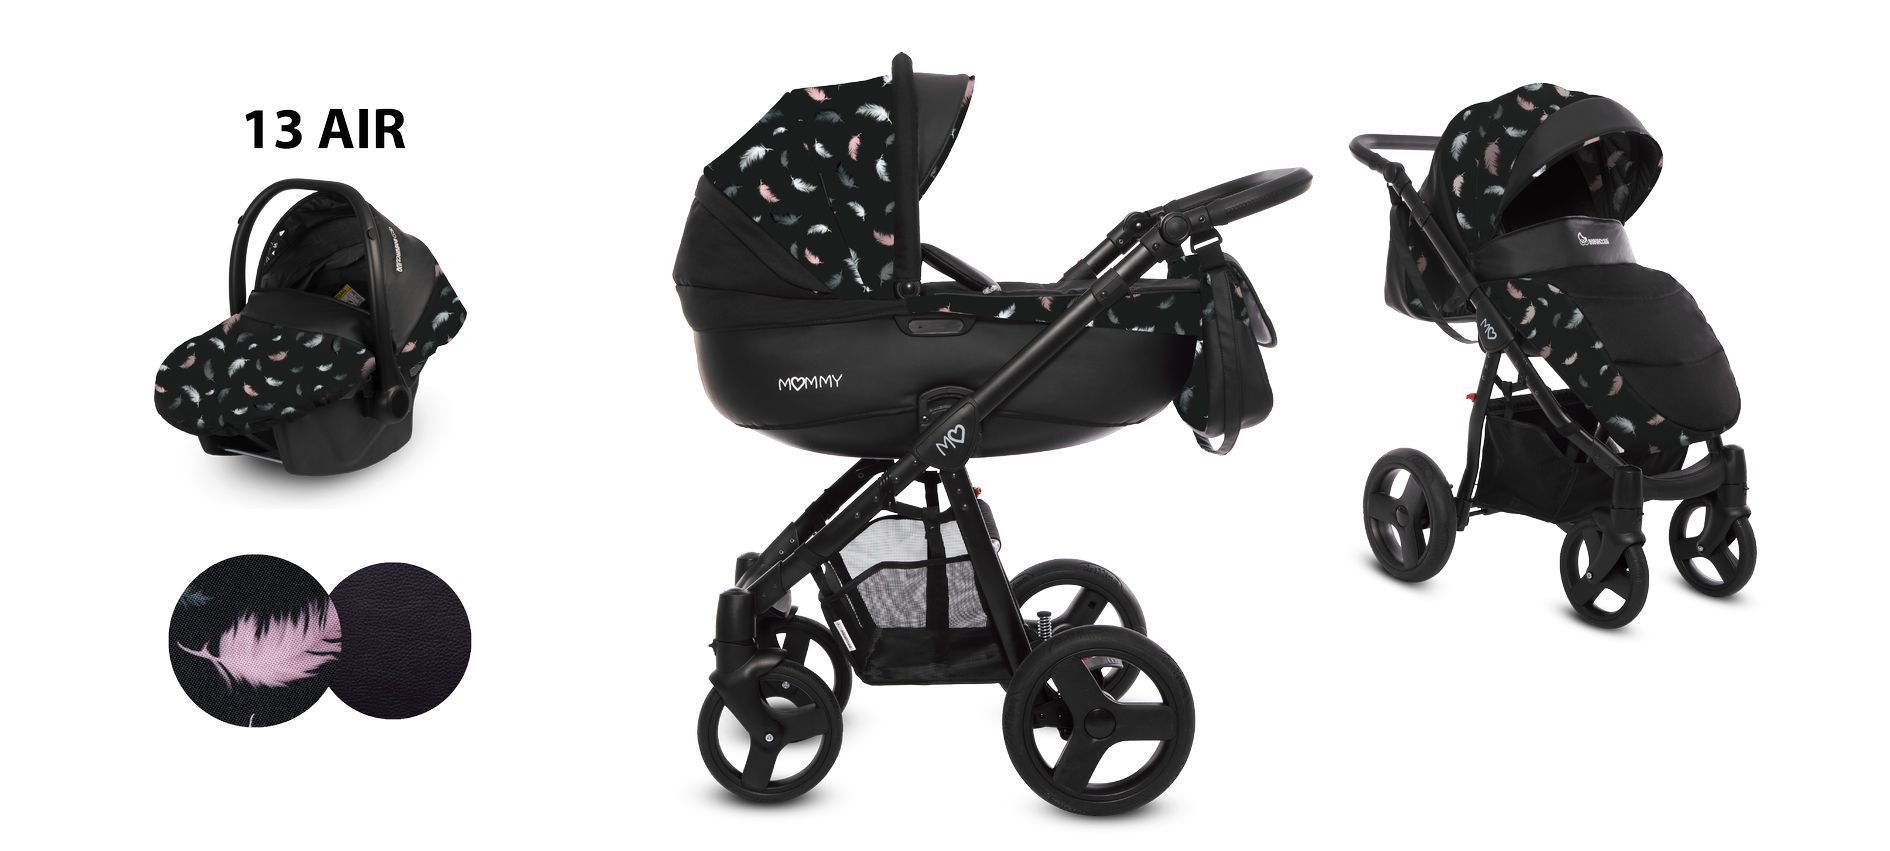 Wózek dziecięcy baby active mommy kolorystyka